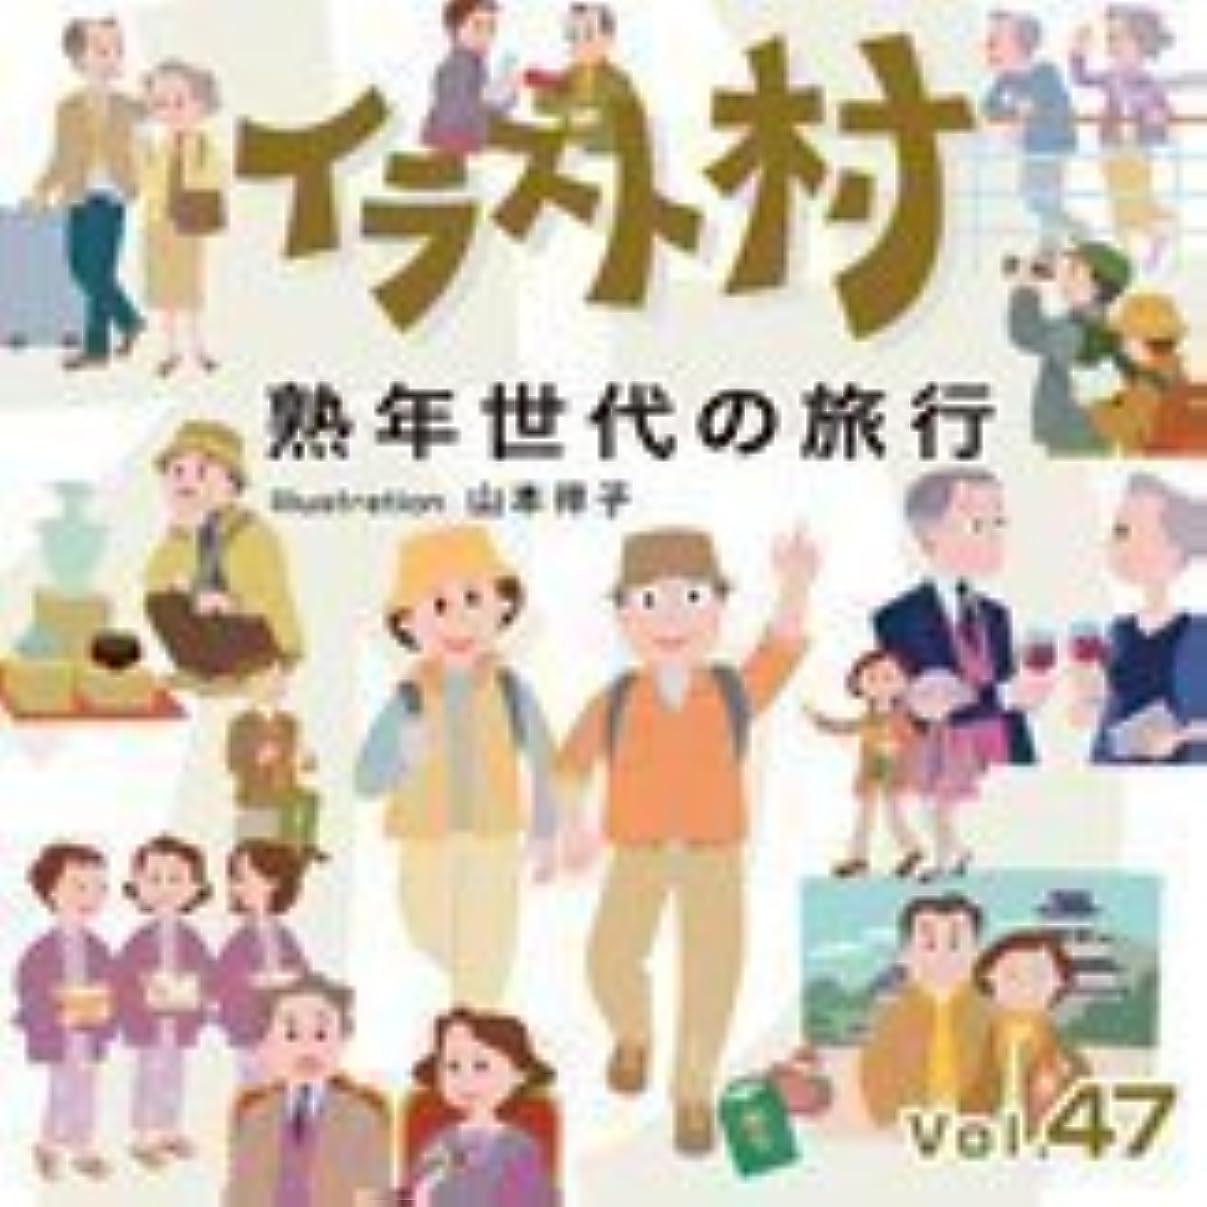 スズメバチ消防士むしろイラスト村 Vol.47 熟年世代の旅行